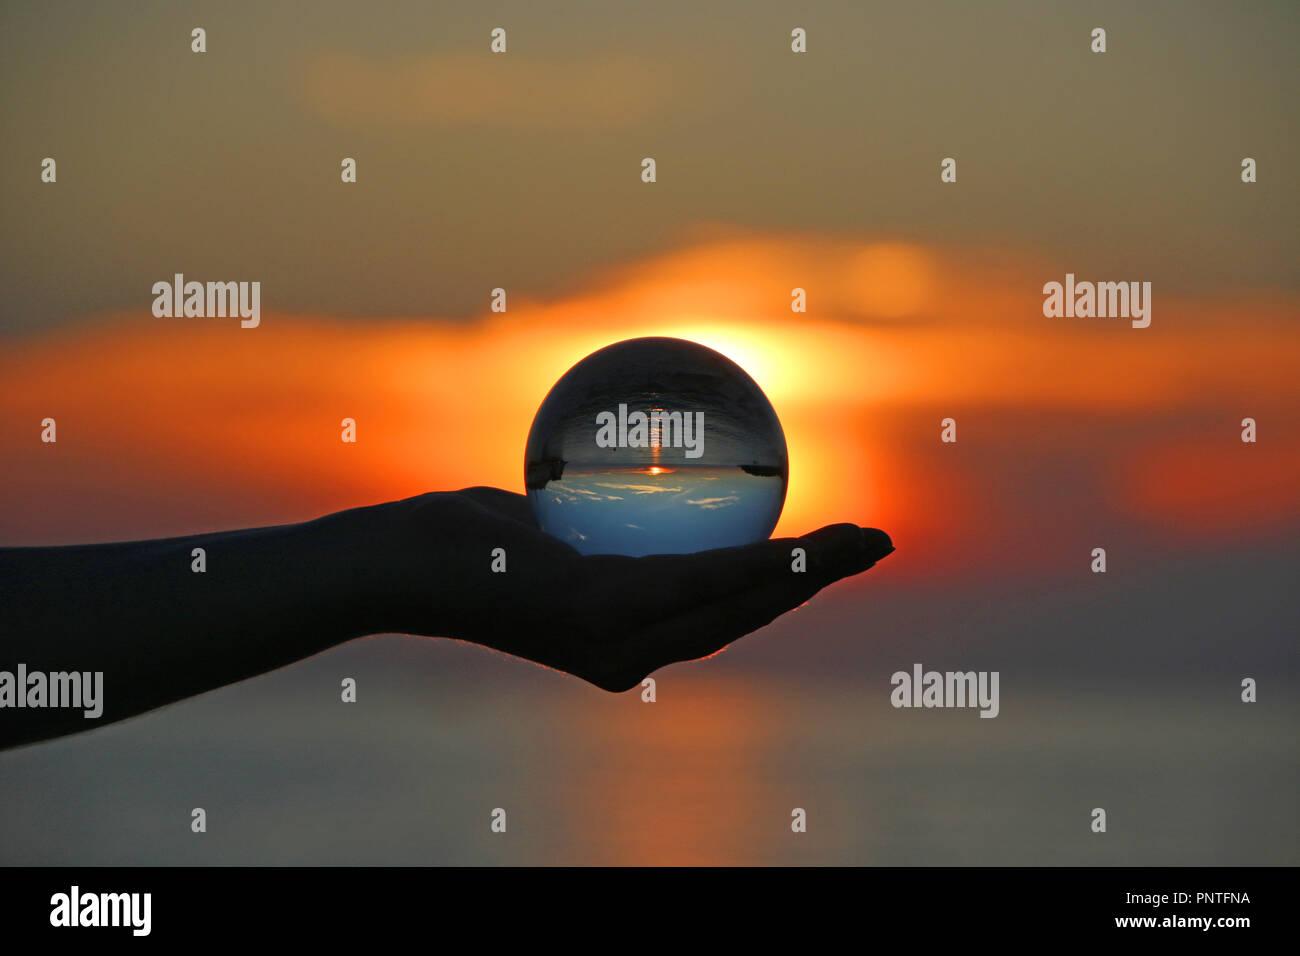 Crystal Ball Réfraction Coucher du soleil la photographie. Rovinj, Istrie, Croatie Photo Stock